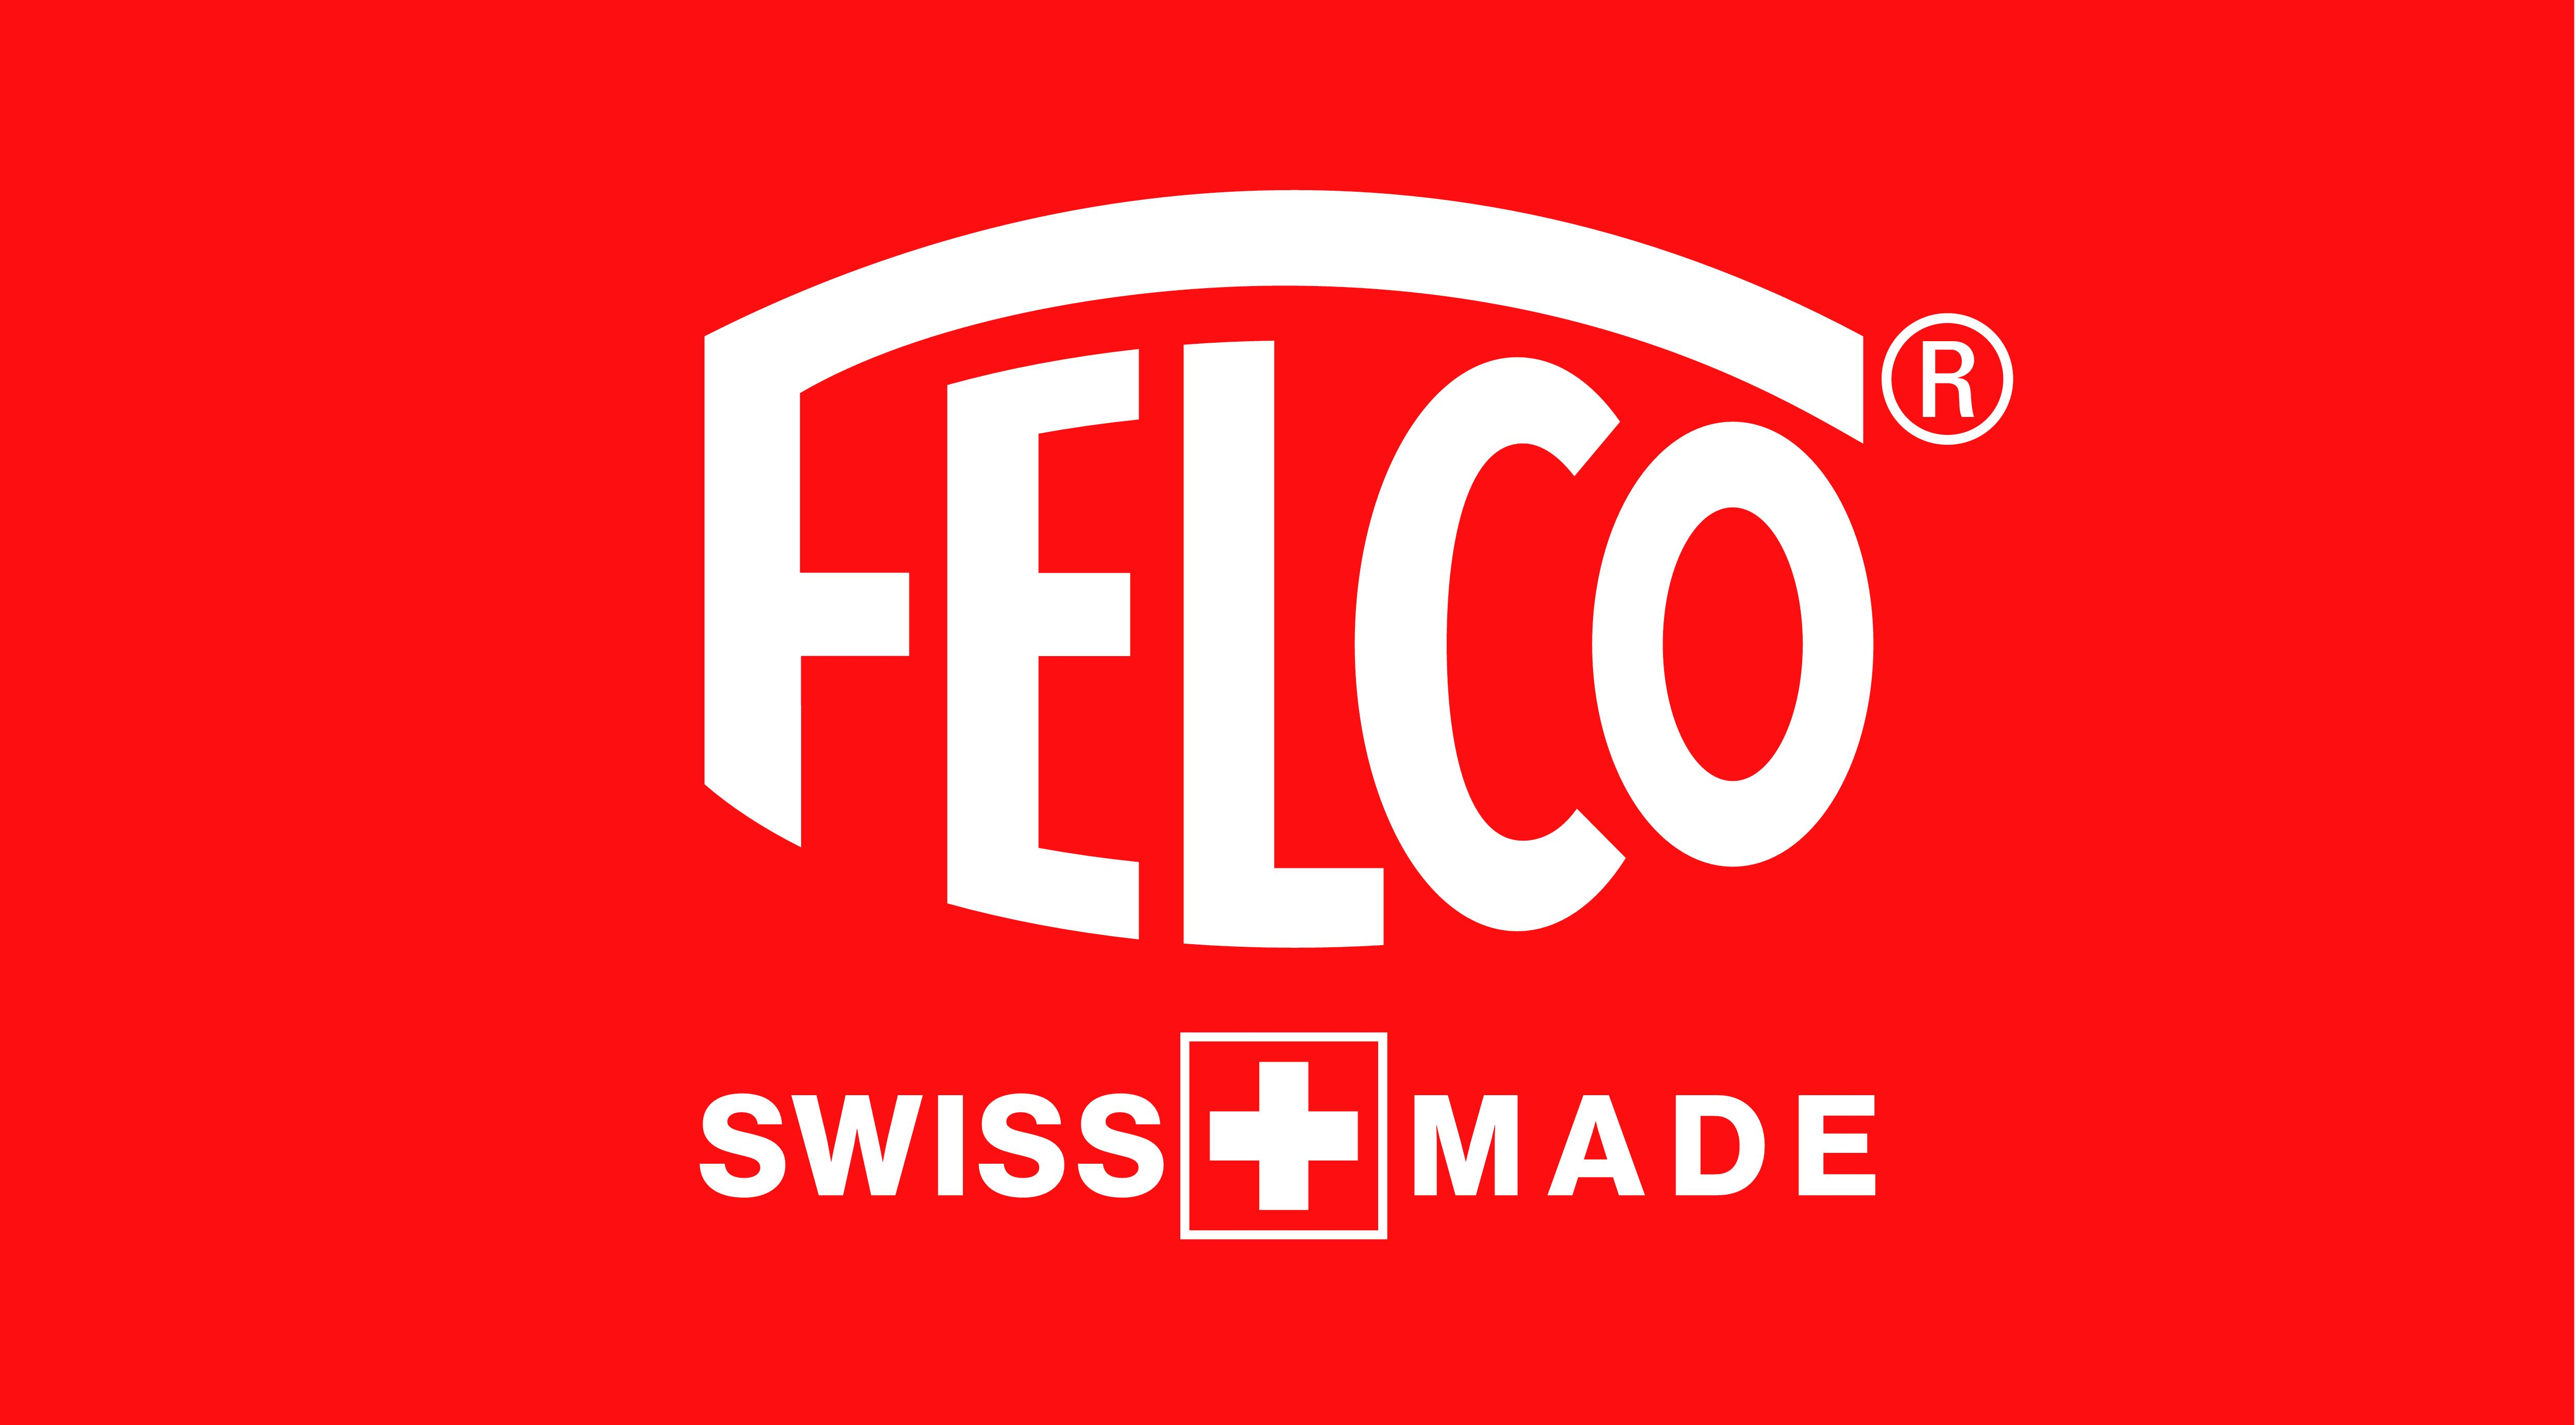 www.felcoromania.ro